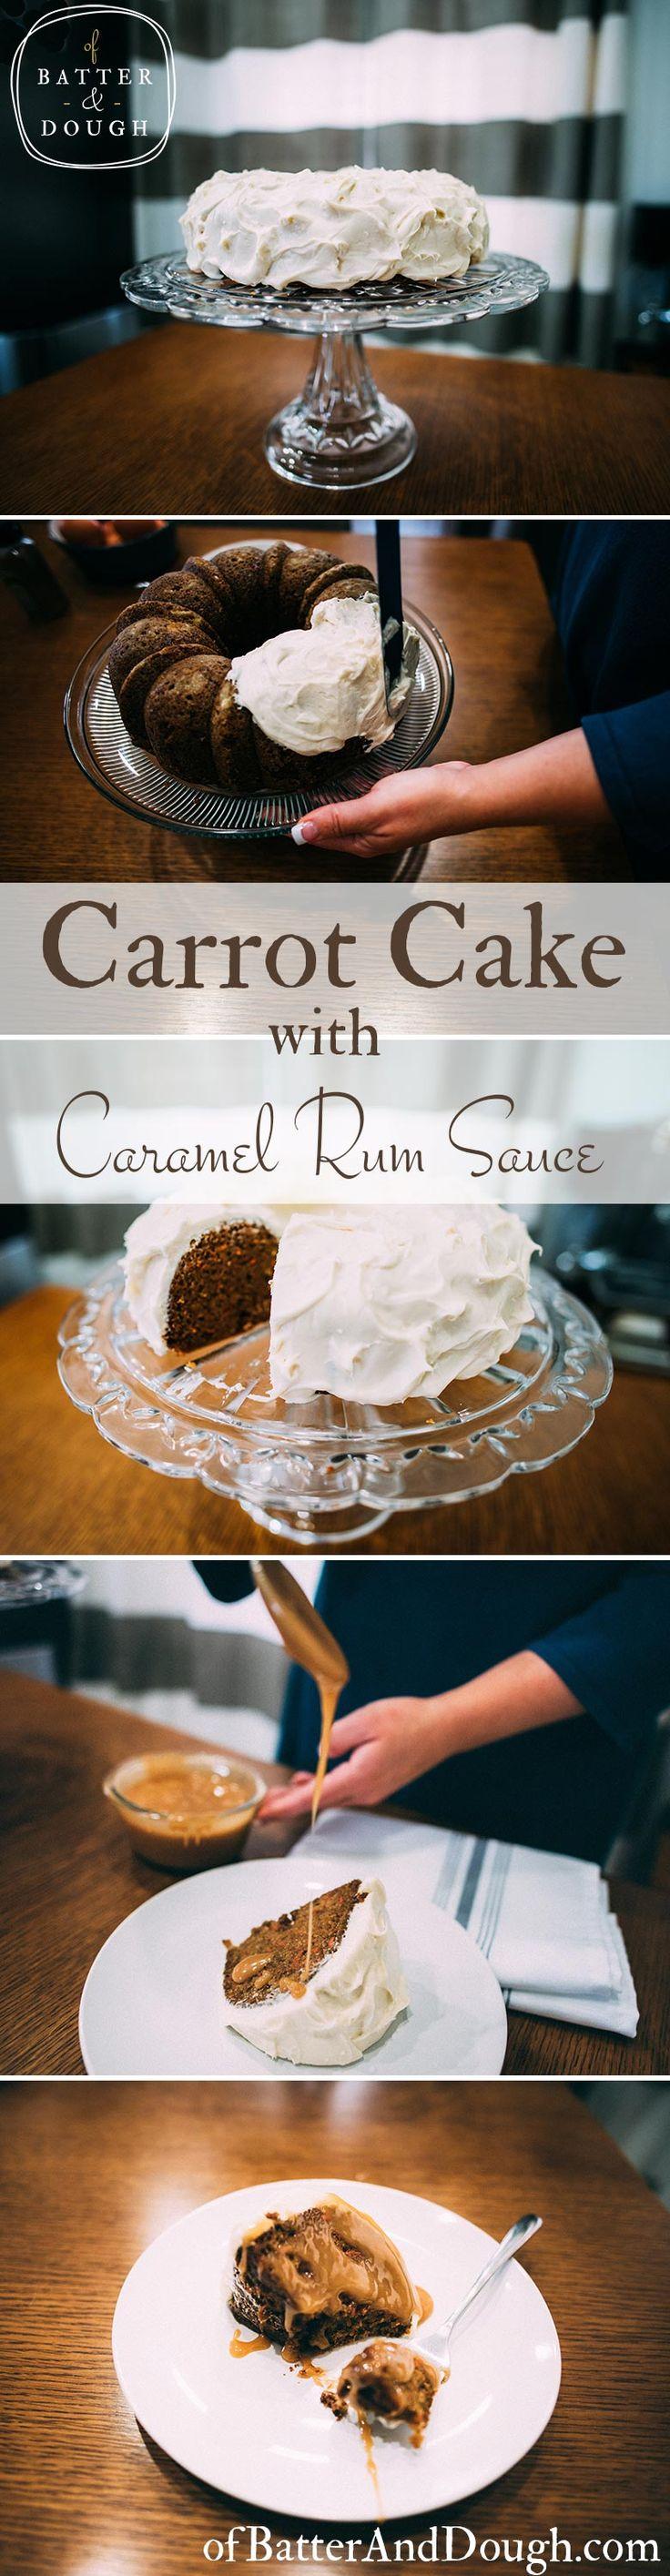 Carrot cake recipe caramel rum sauce pin   ofbatteranddough.com